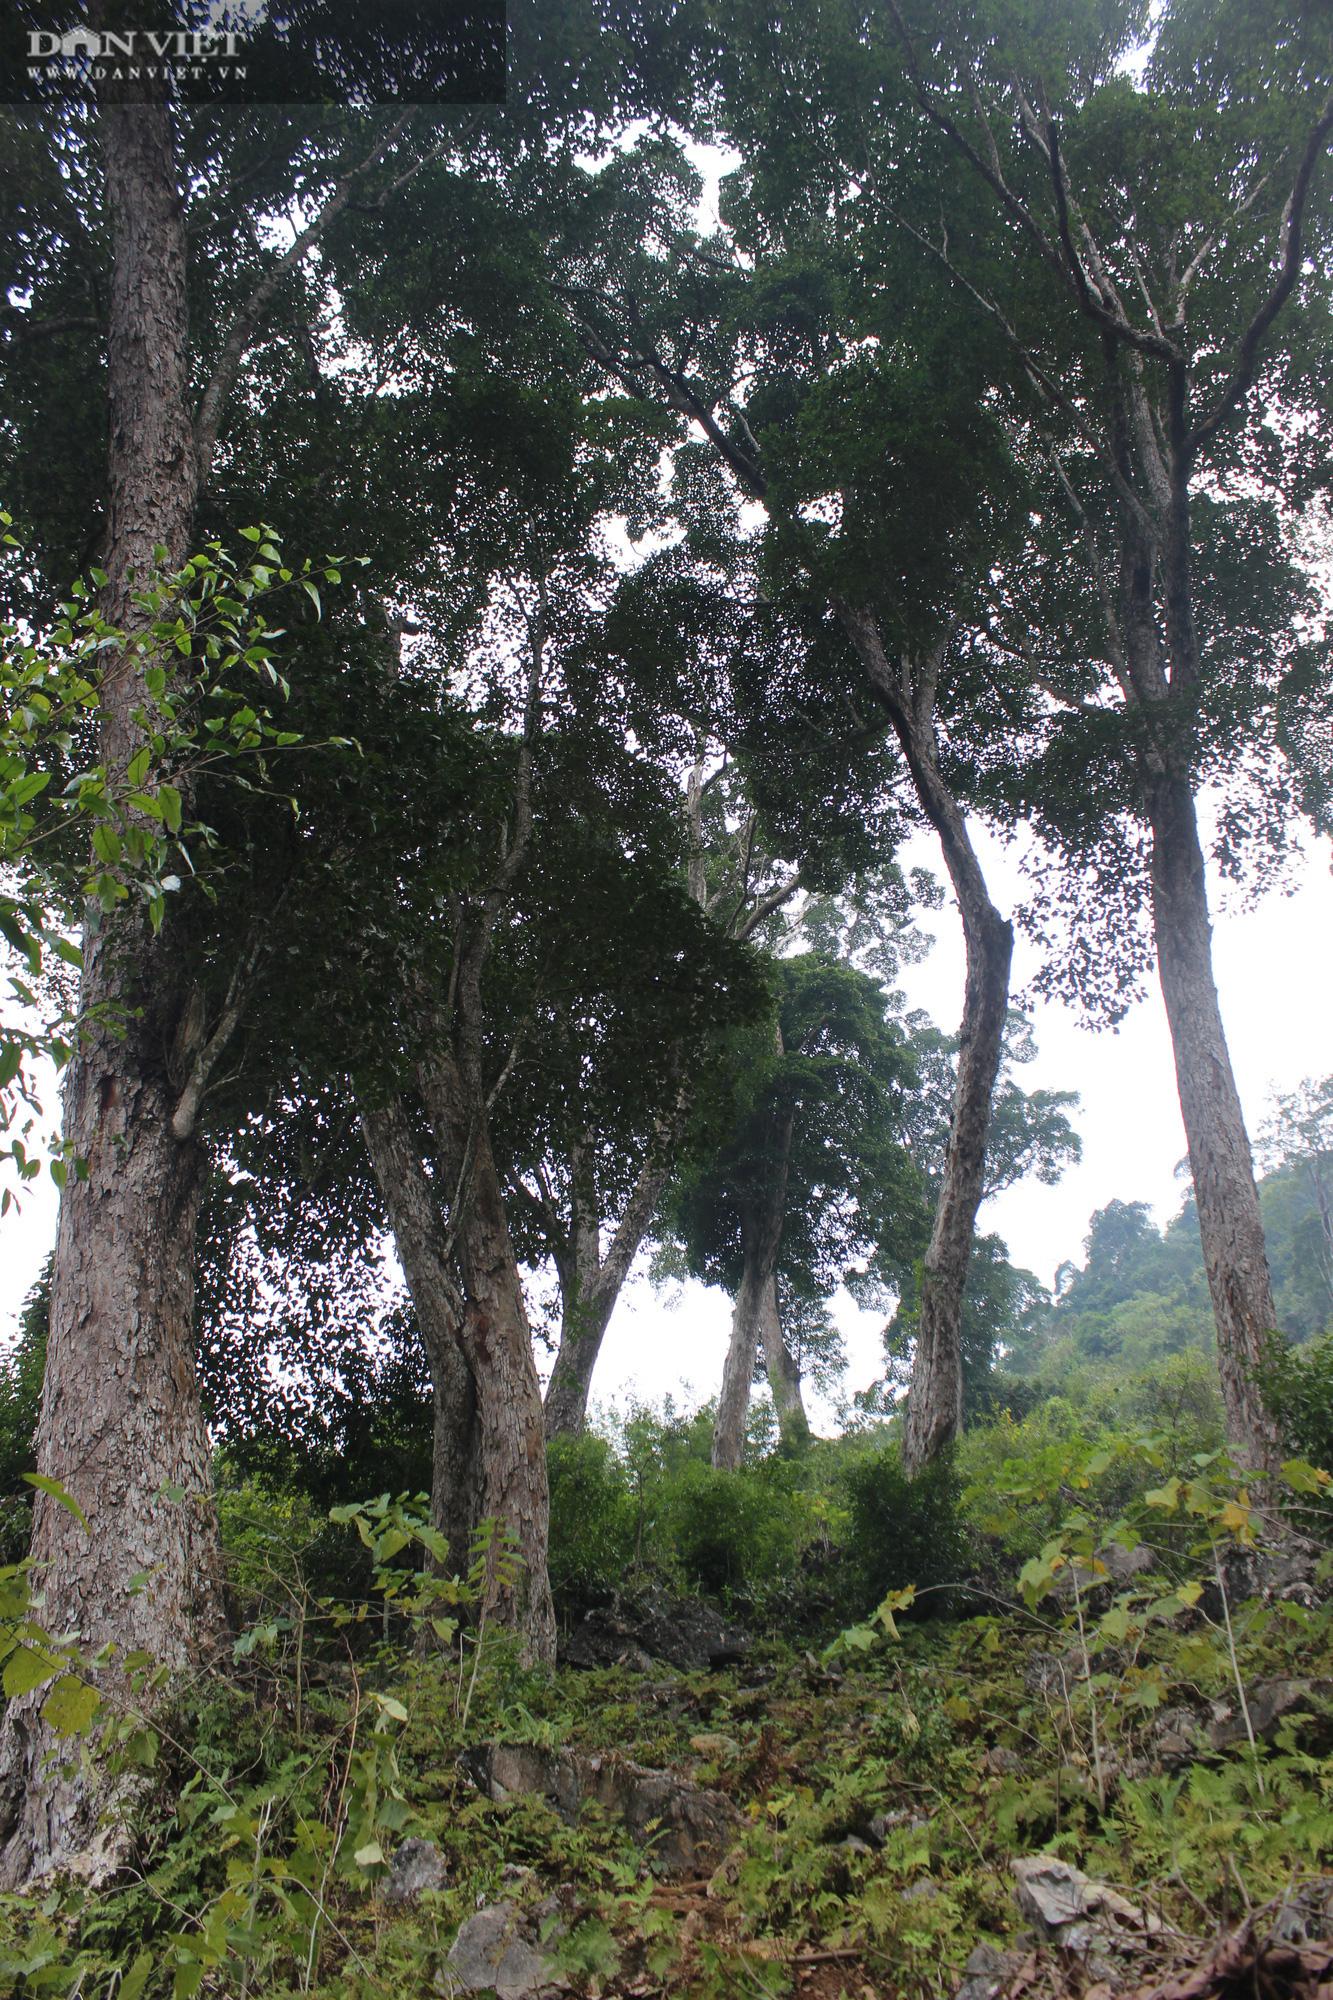 Điều tra độc quyền: Lời man trá trong các rừng nghiến khổng lồ - Ảnh 6.